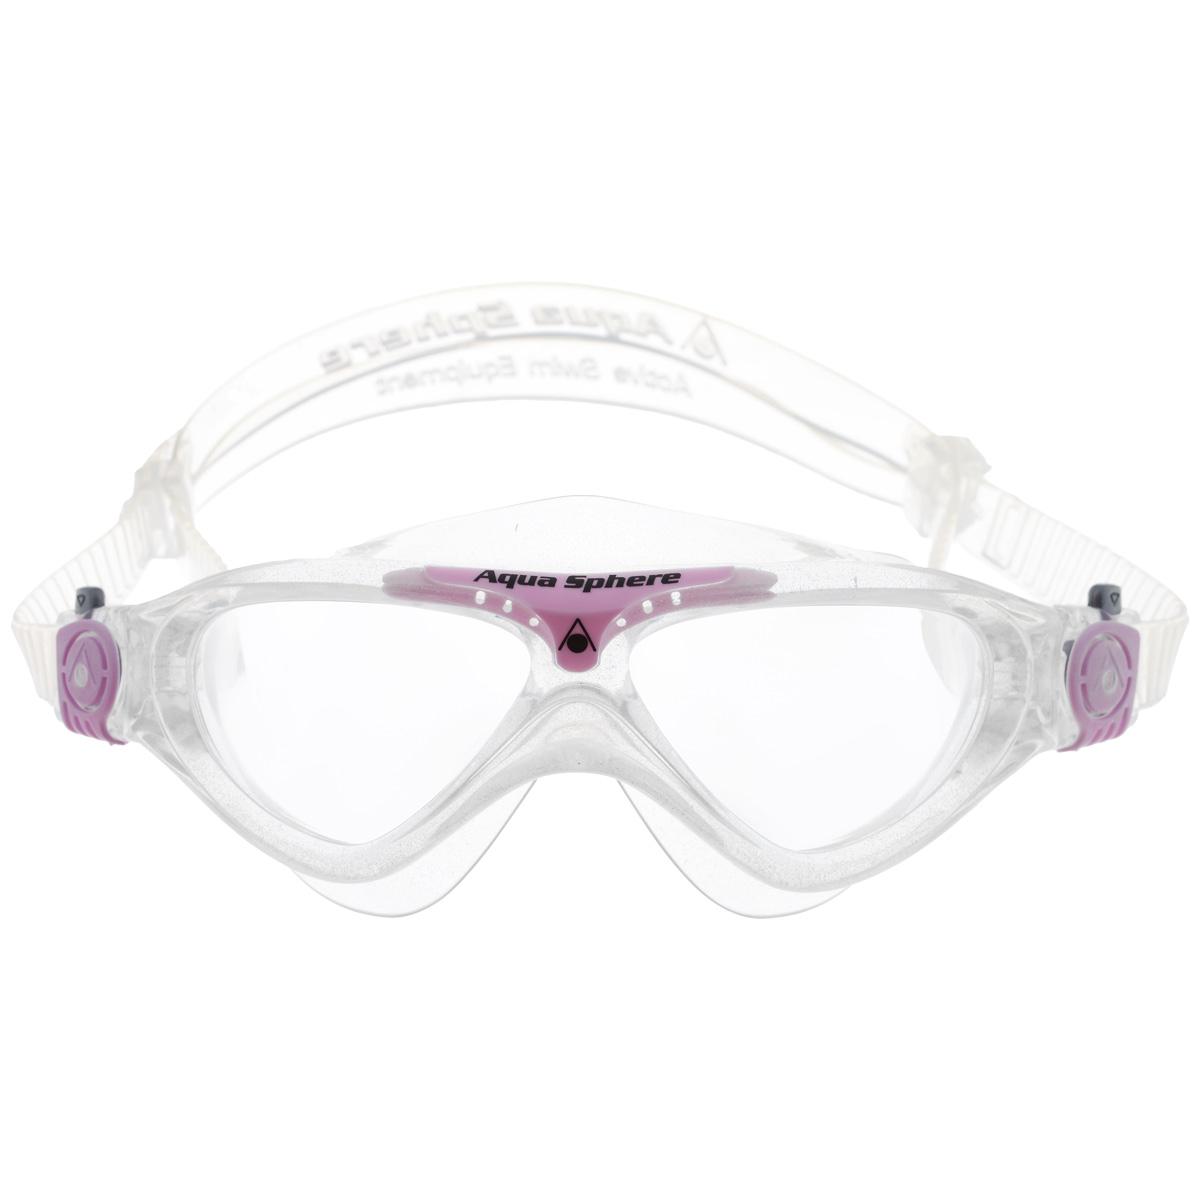 Очки для плавания Aqua Sphere Vista Junior, цвет: прозрачный, розовыйTN 169750Модные и стильные очки для плавания Aqua Sphere Vista Junior идеально подходят для плавания в бассейне или открытой воде. Оснащены линзами с антизапотевающим покрытием, которые устойчивы к появлению царапин. Мягкий комфортный обтюратор плотно прилегает к лицу.Запатентованные изогнутые линзы дают прекрасный обзор на 180° - без искажений. Очки дают 100% защиту от ультрафиолетового излучения спектра А и спектра В.Материал: плексисол, силикон.